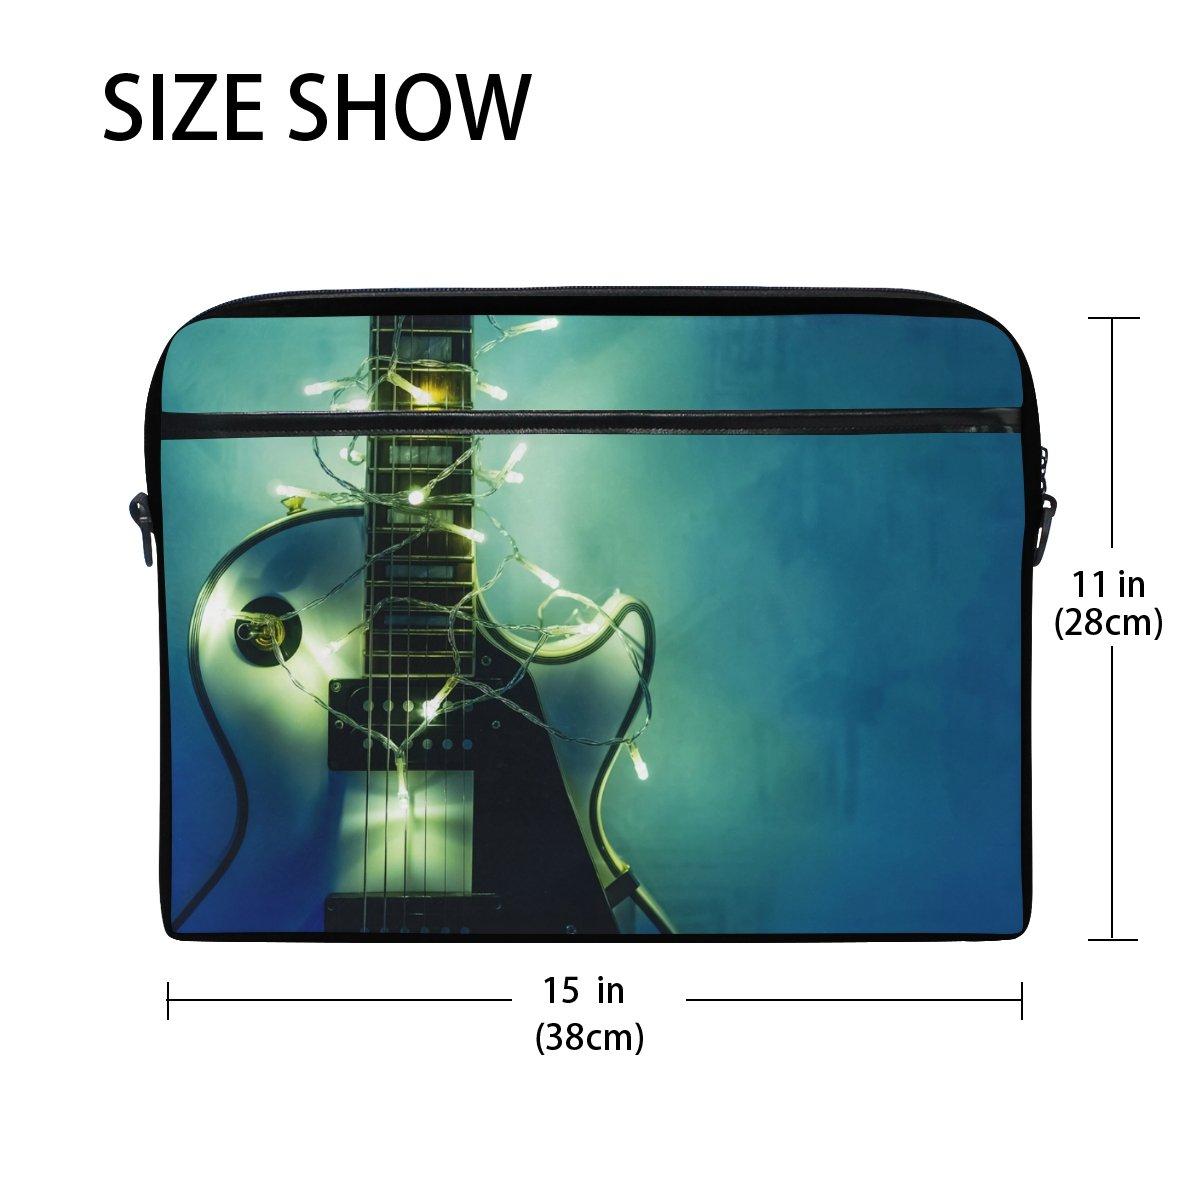 JSTEL Guitarra eléctrica con guirnalda iluminada portátil bandolera bandolera funda para 14 pulgadas a 15,6 pulgadas con correa de hombro ajustable para ...